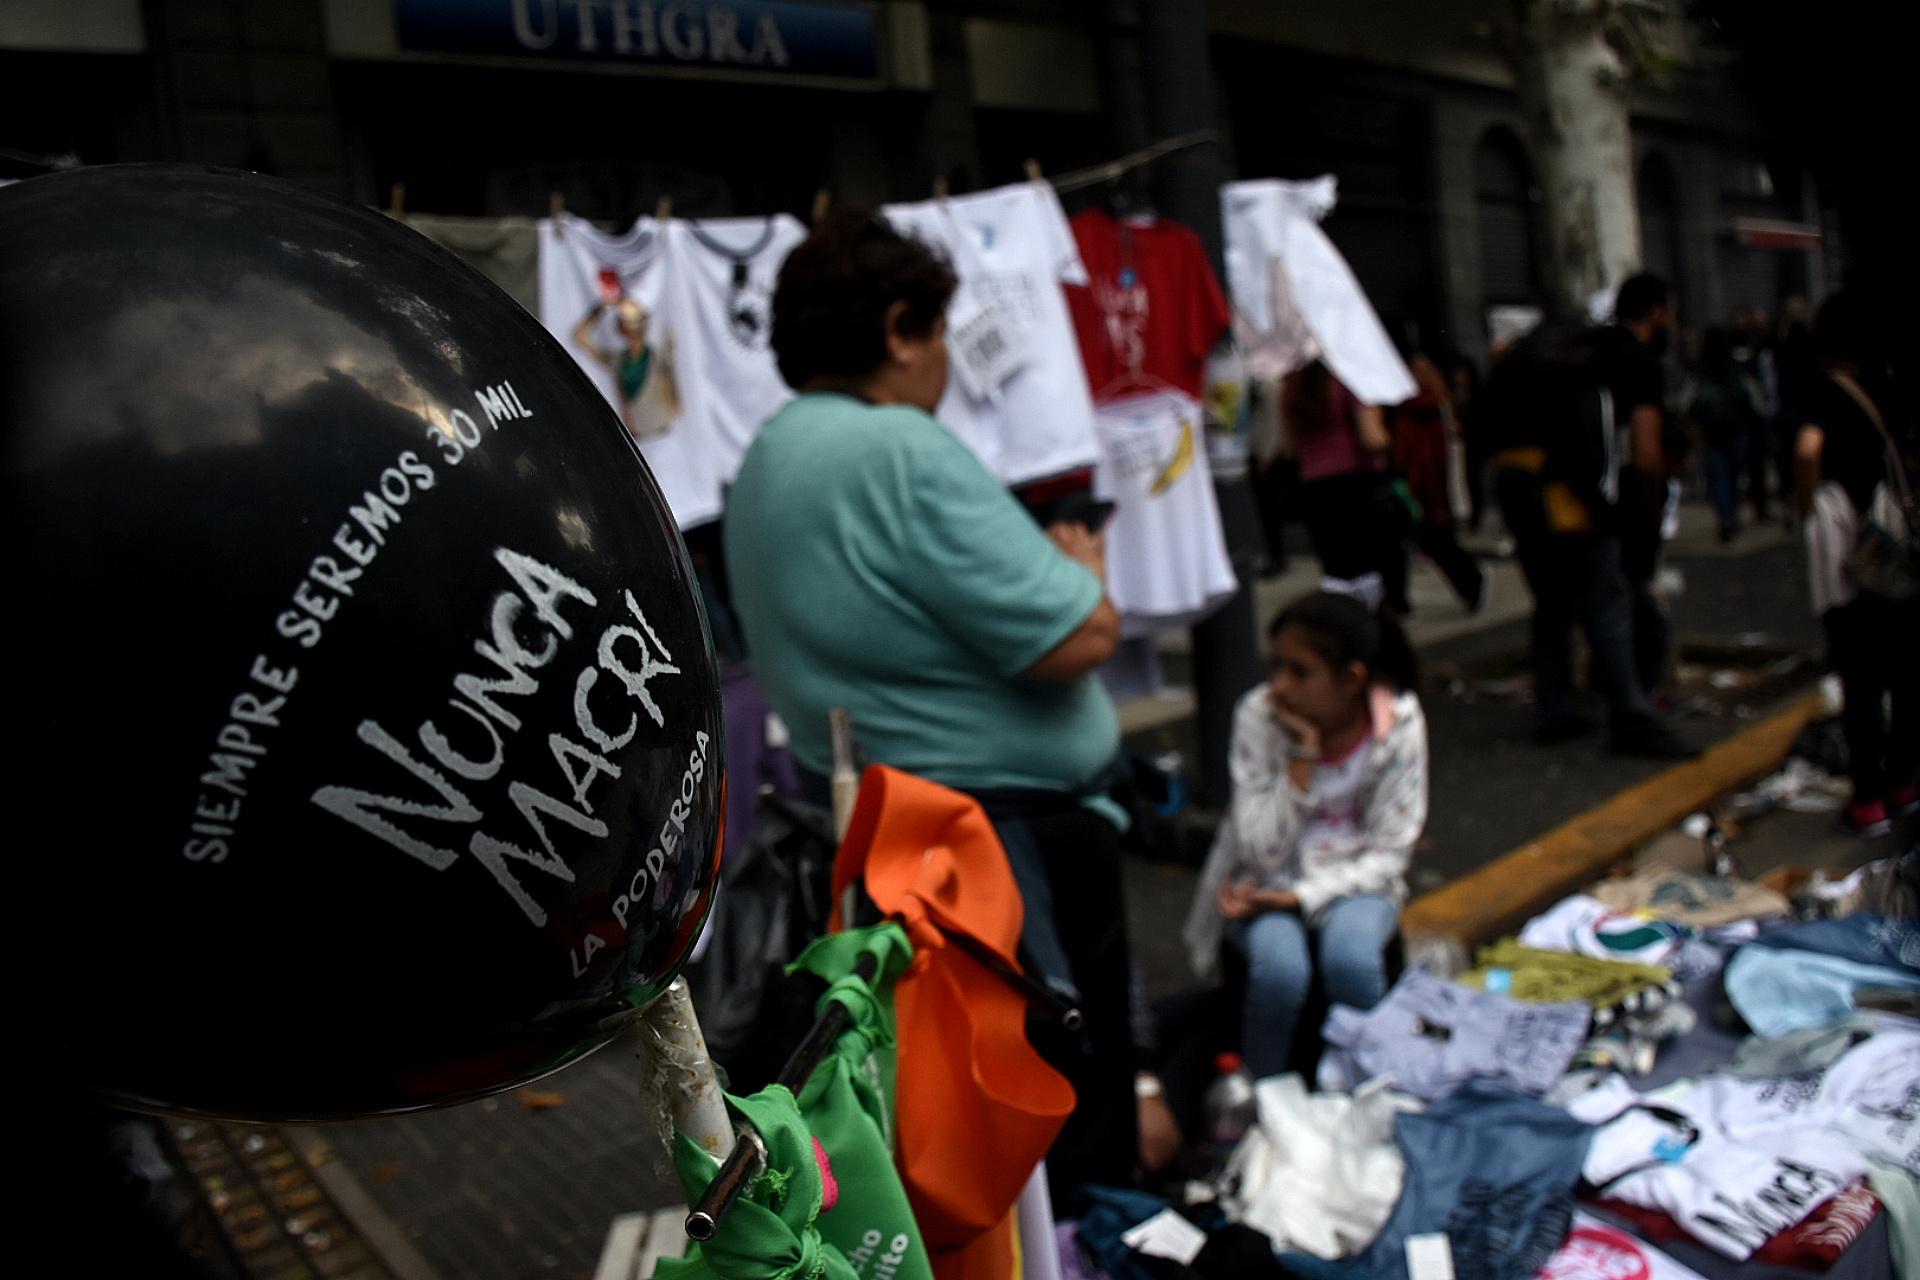 Un globo con una inscripción contra el presidente de la Nación